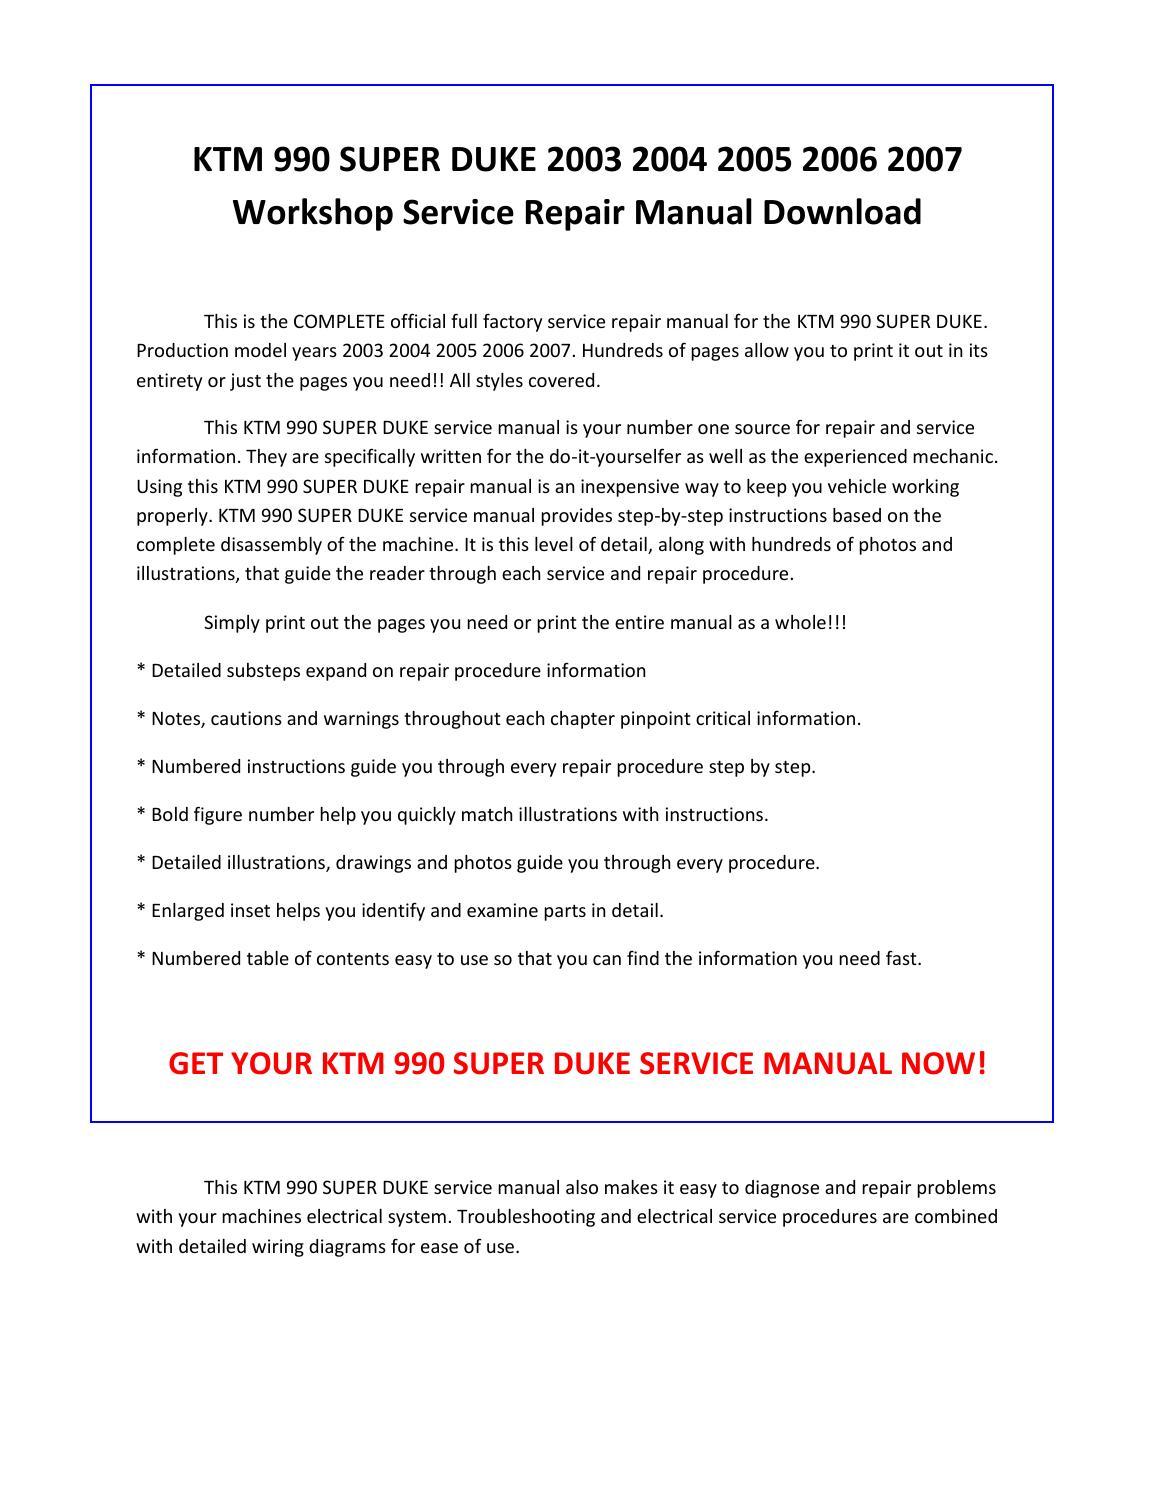 Ktm 990 super duke 2003 2004 2005 2006 2007 service repair manual pdf  download by sparchita3 - issuu